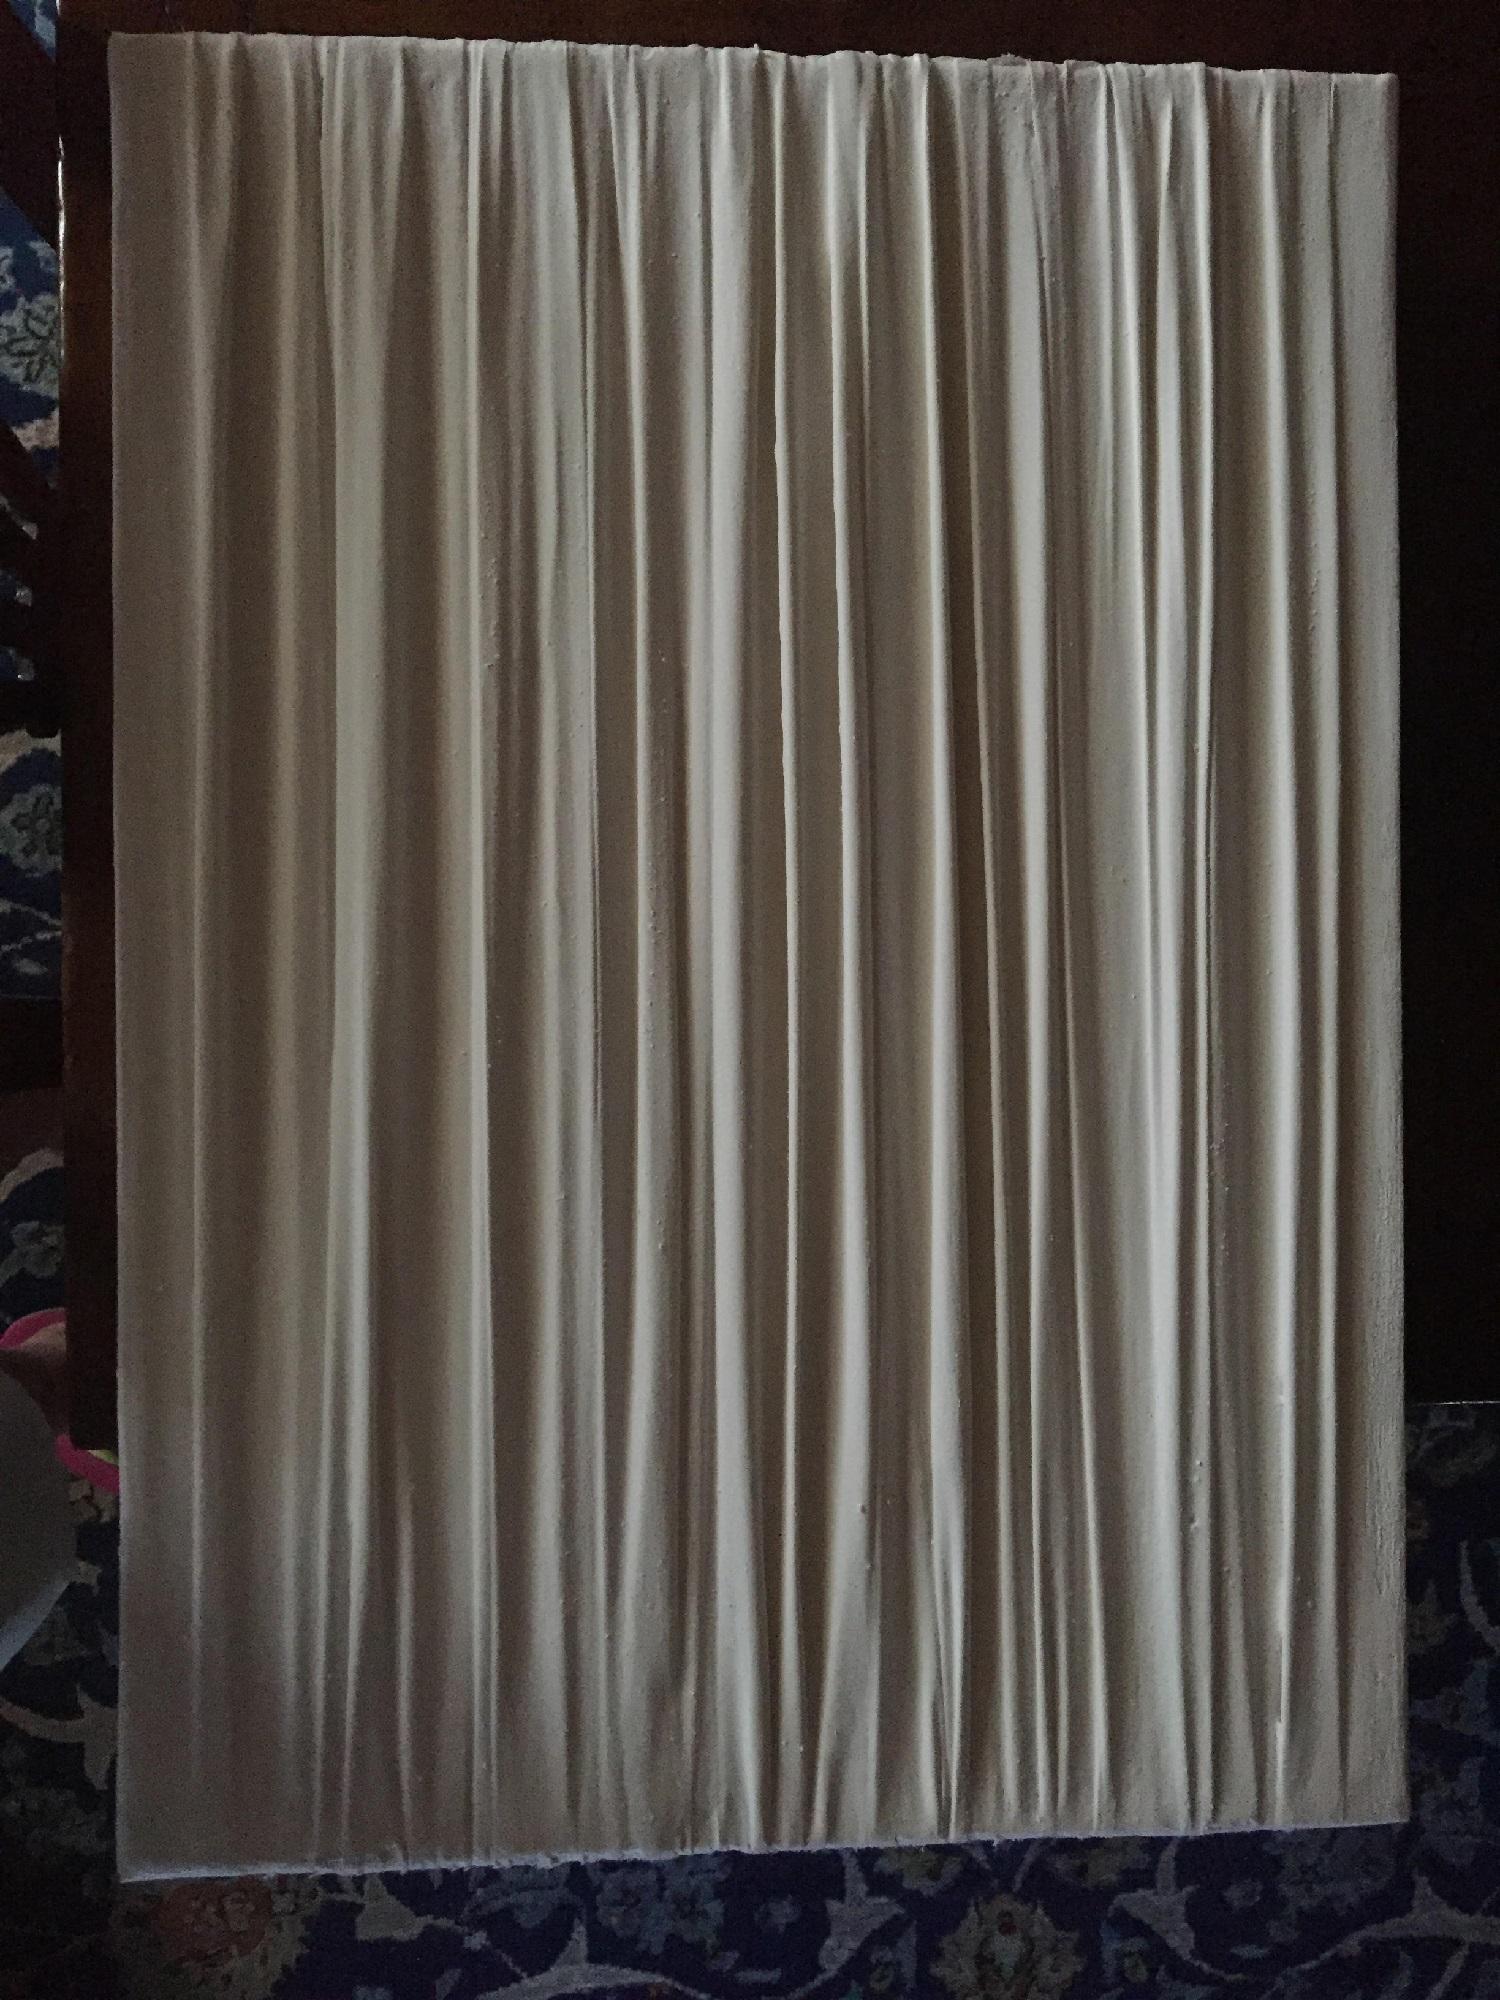 """L'opera """"Vagina monocromo"""" di Giampiero Podestà è una semplice tela bianca rettangolare ondulata, appesa su uno sfondo decorato (simile ad una carta da parati)"""